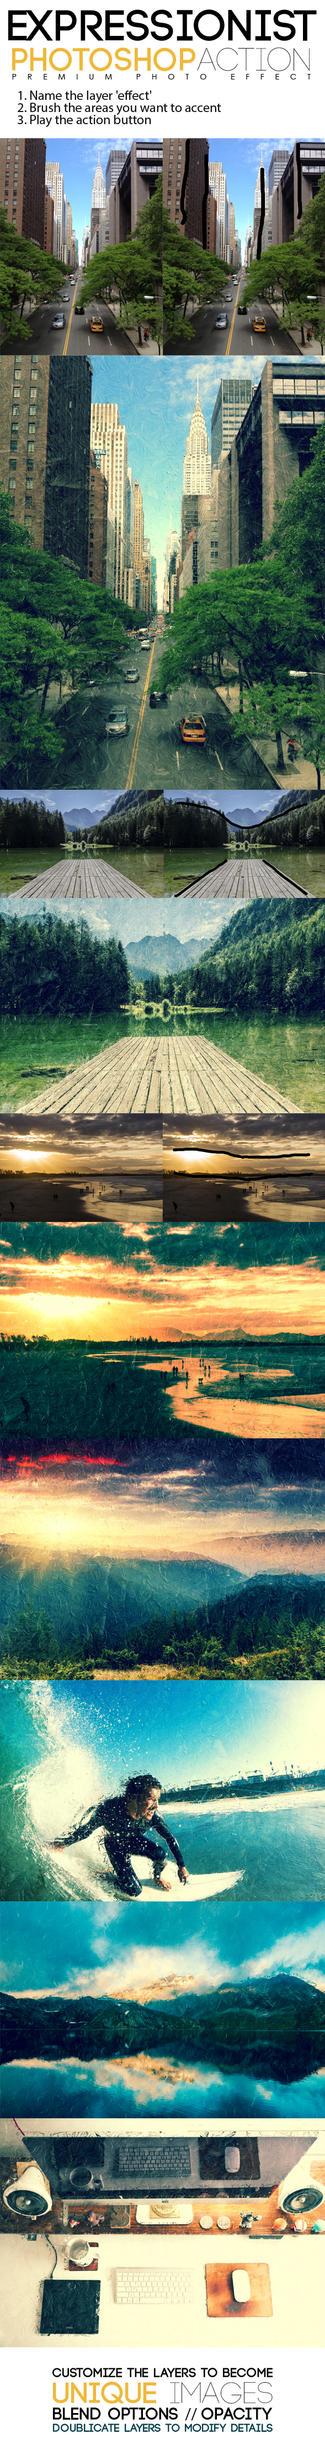 Expressionist Photoshop Action by MuzikizumWeb